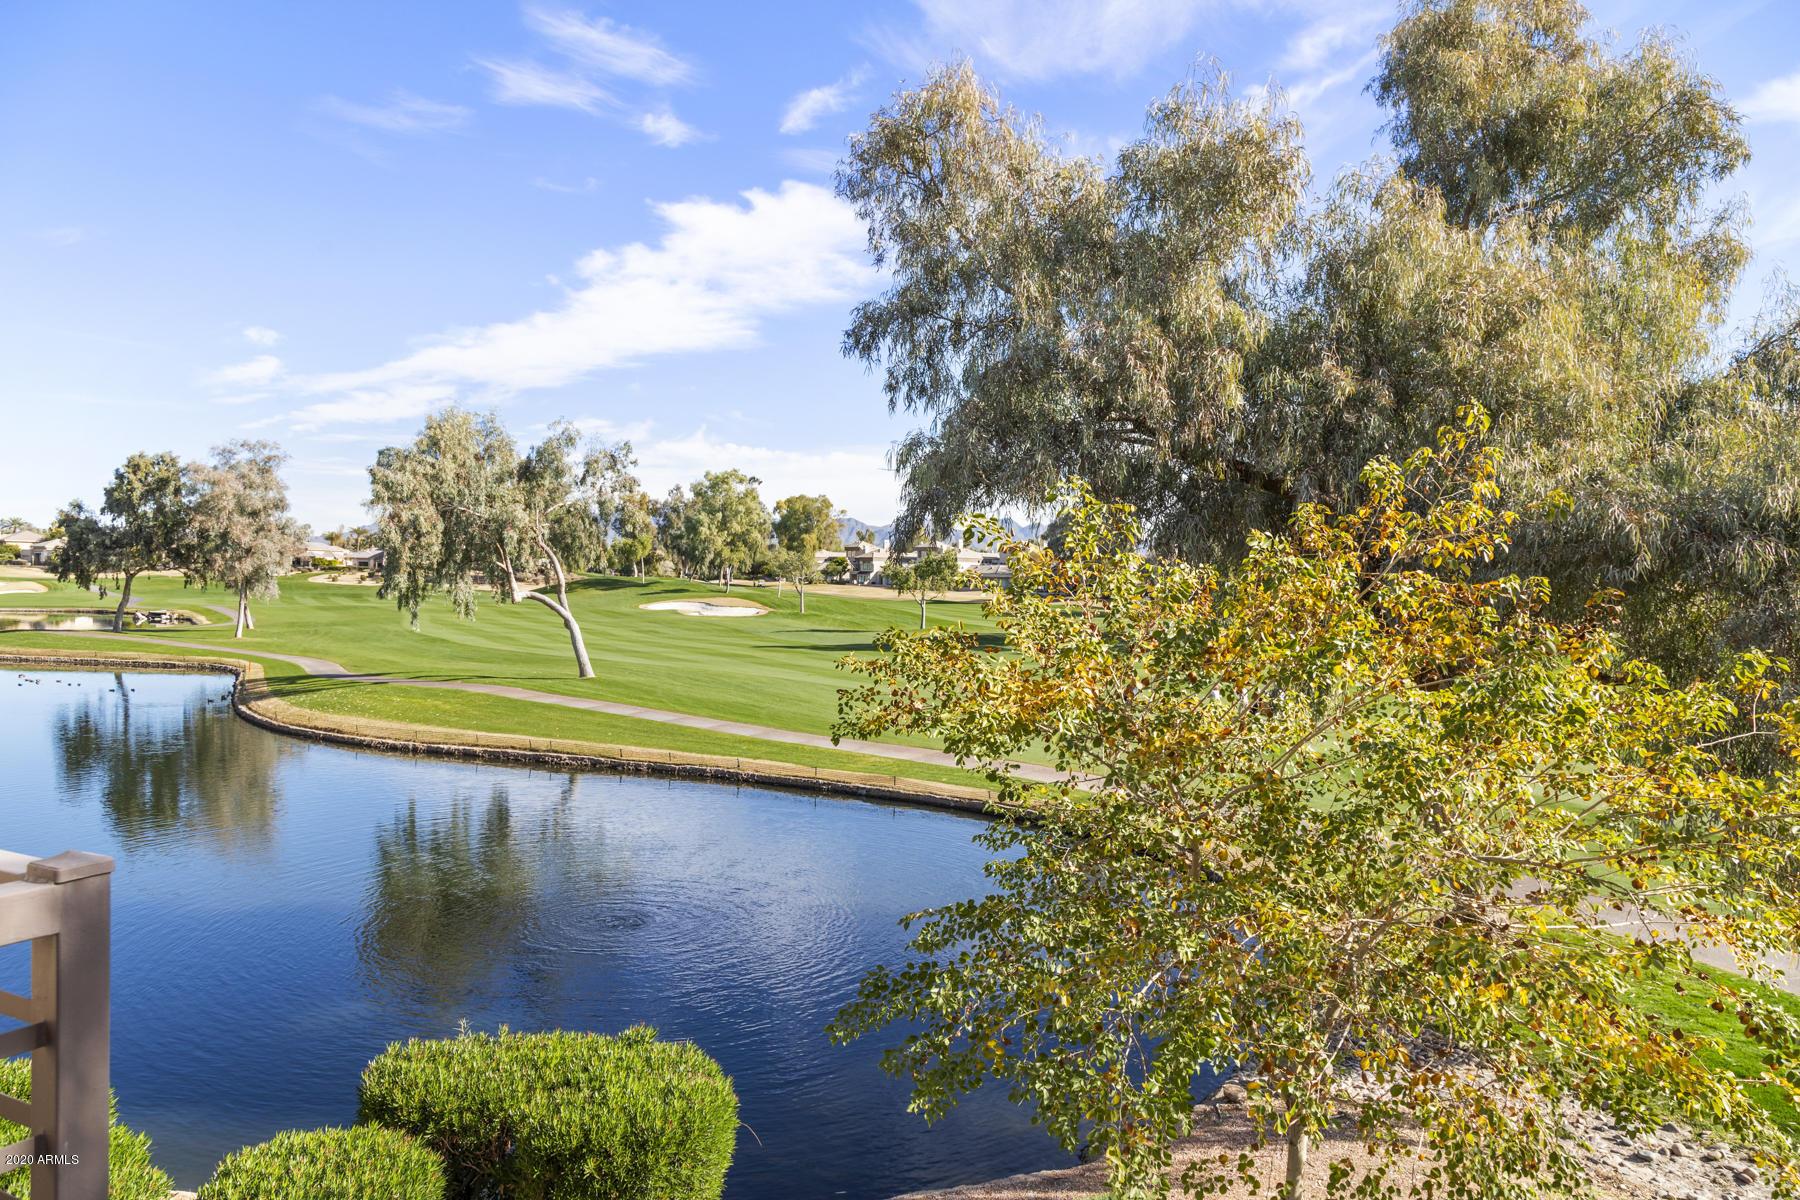 7272 E Gainey Ranch Road, Unit 14, Scottsdale AZ 85258 - Photo 1